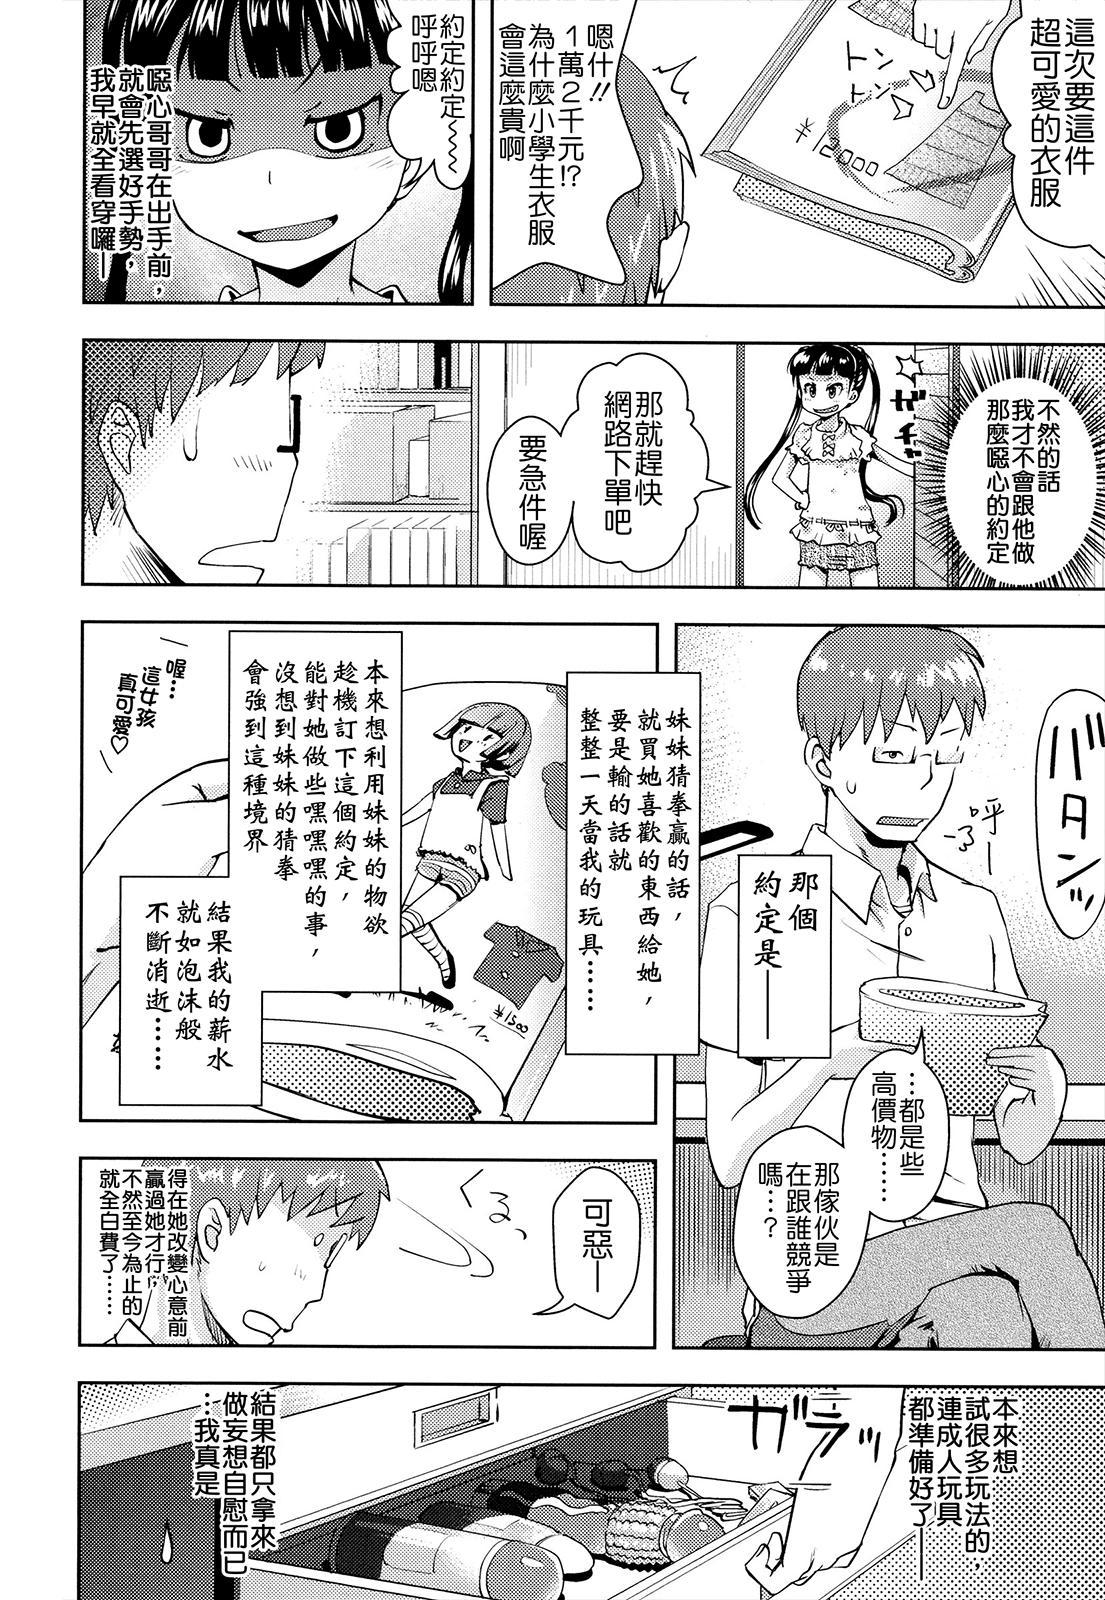 Oni-chan no Suki Ni Site!? 21